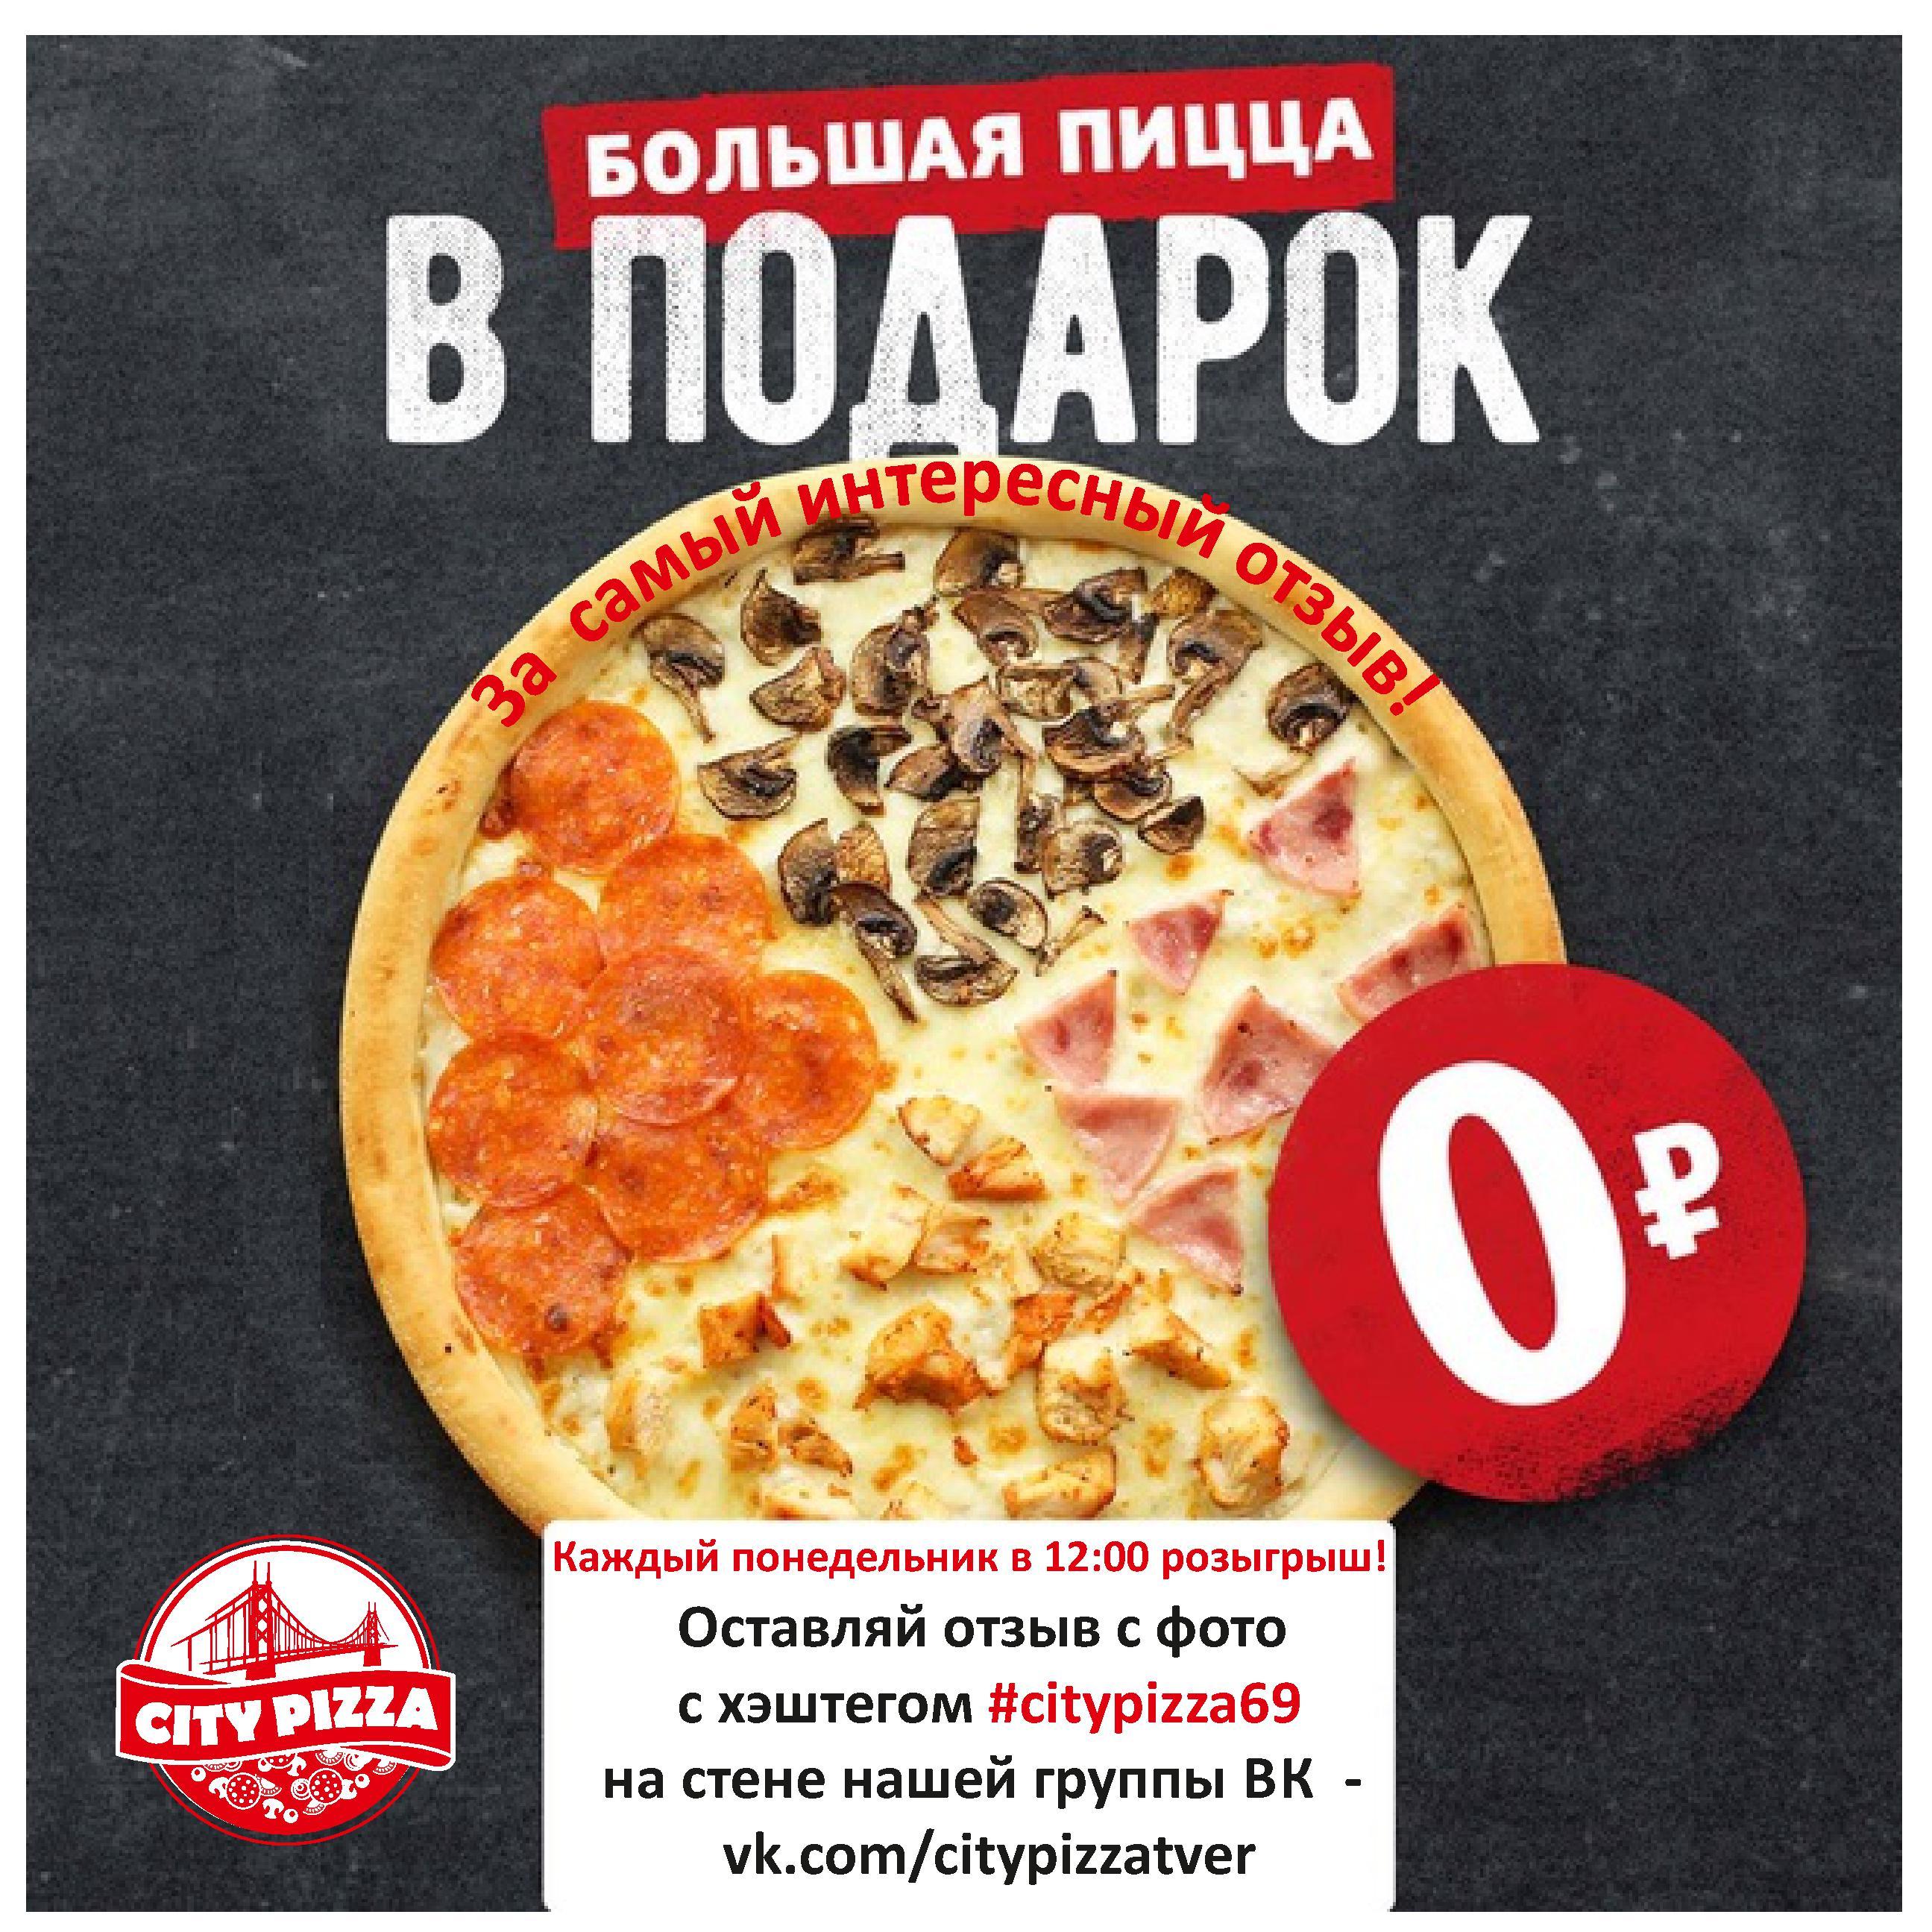 Архангельск вторая пицца в подарок 7